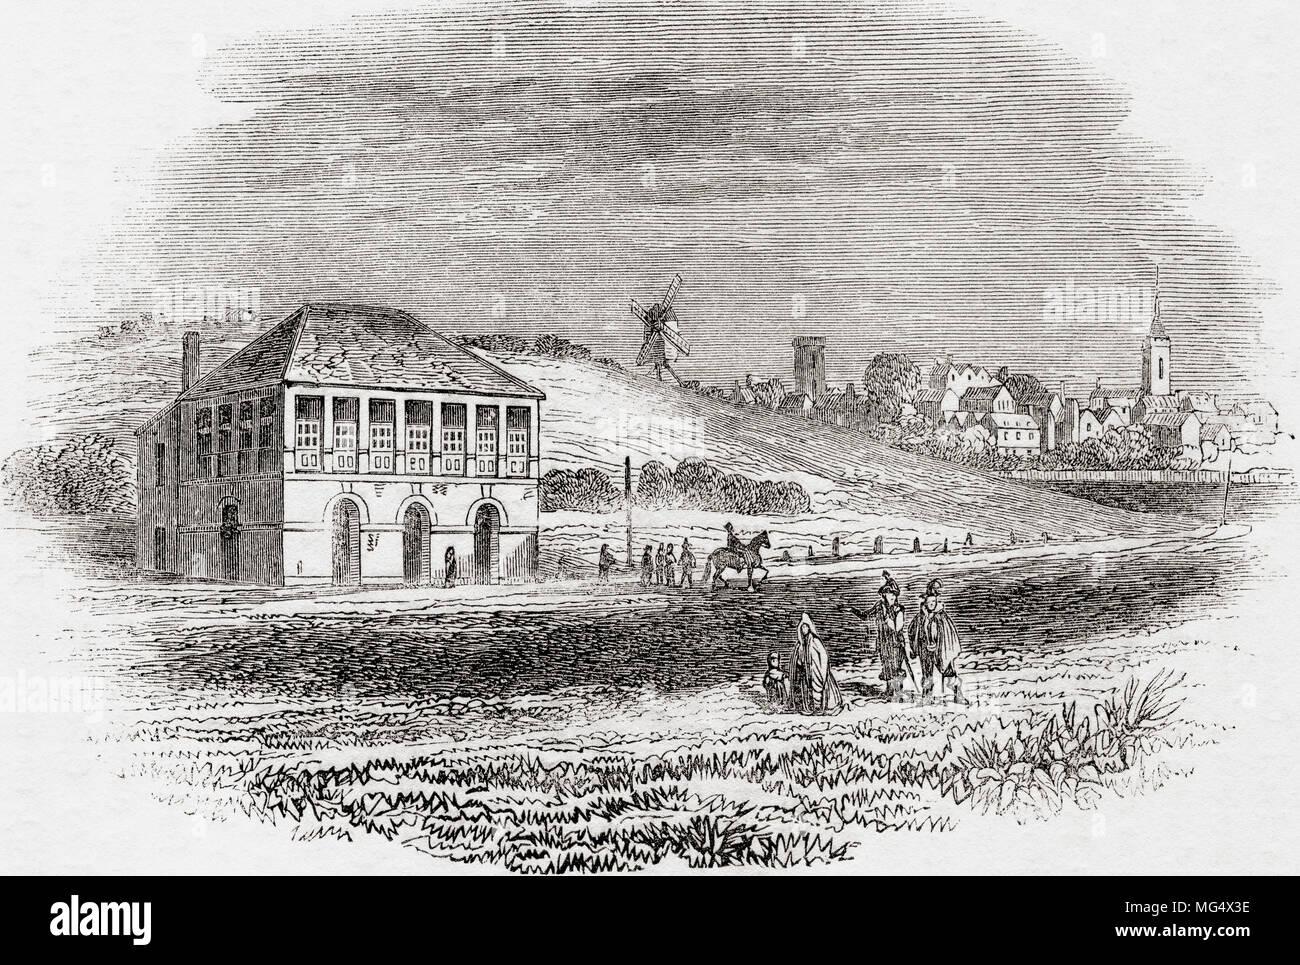 Newmarket Racecourse, Newmarket, Inglaterra, en tiempos de Carlos I de Inglaterra vieja: un museo pictórico, publicado 1847. Imagen De Stock